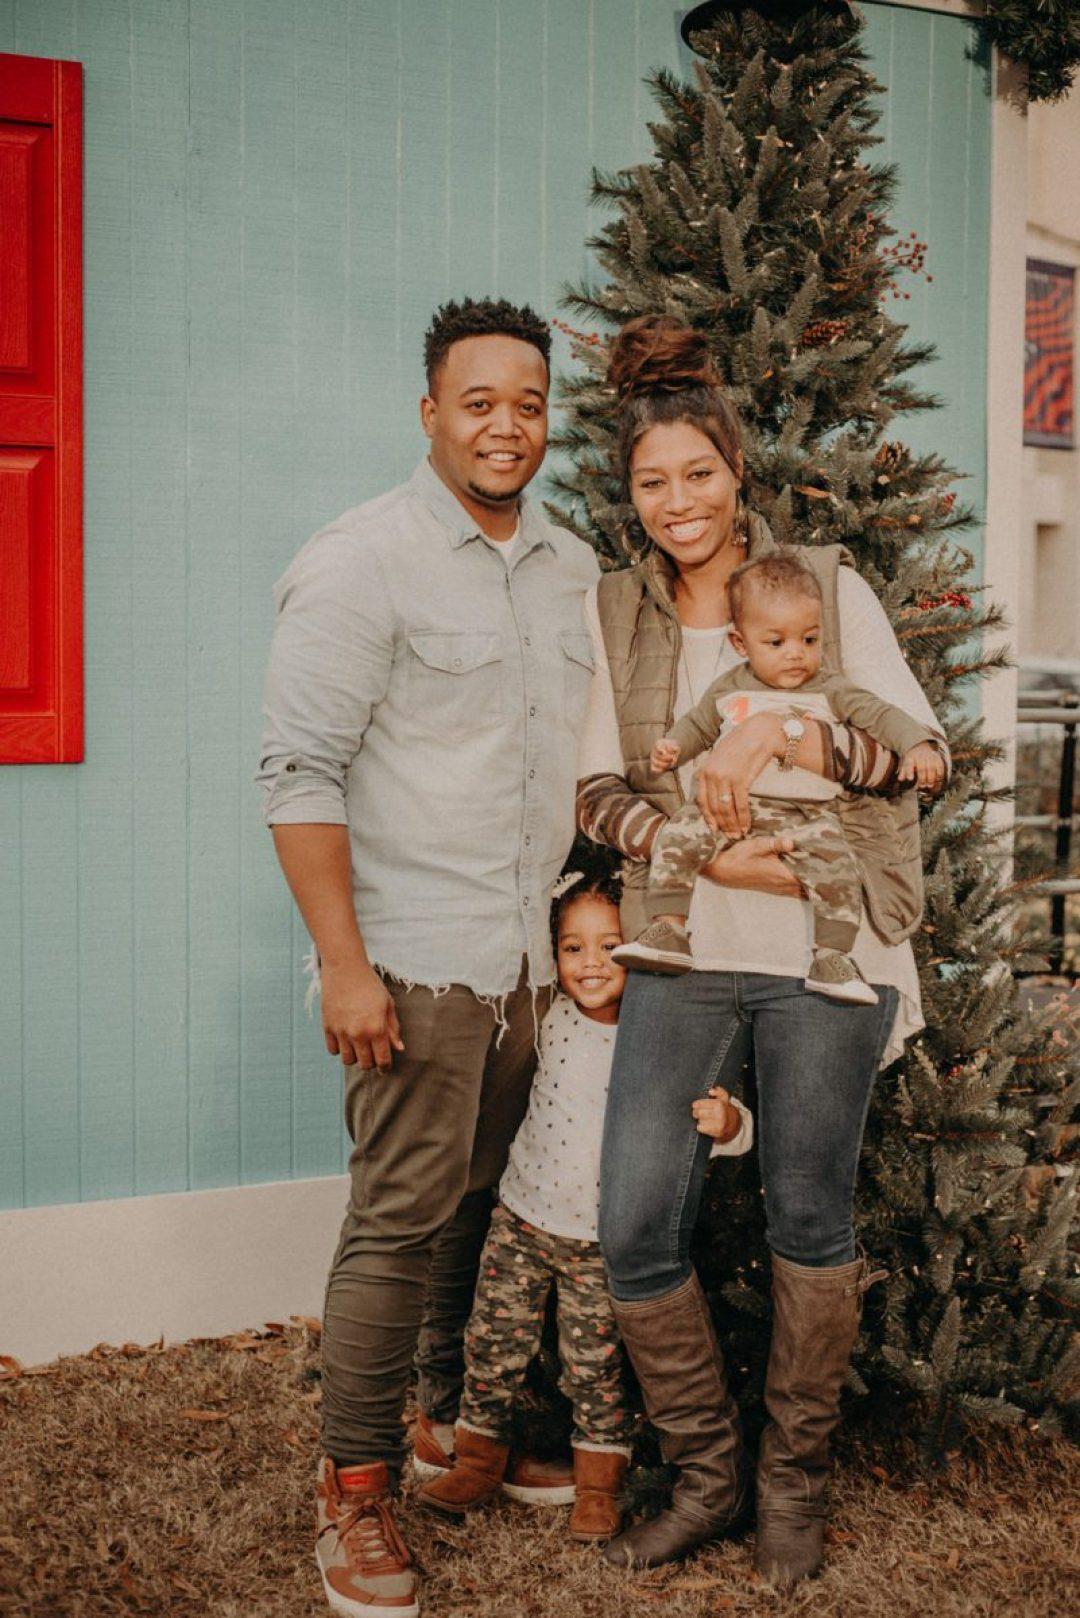 m4gzmfegihcpqatu2s36_big Marietta, GA Holiday Fun with the Ford Family